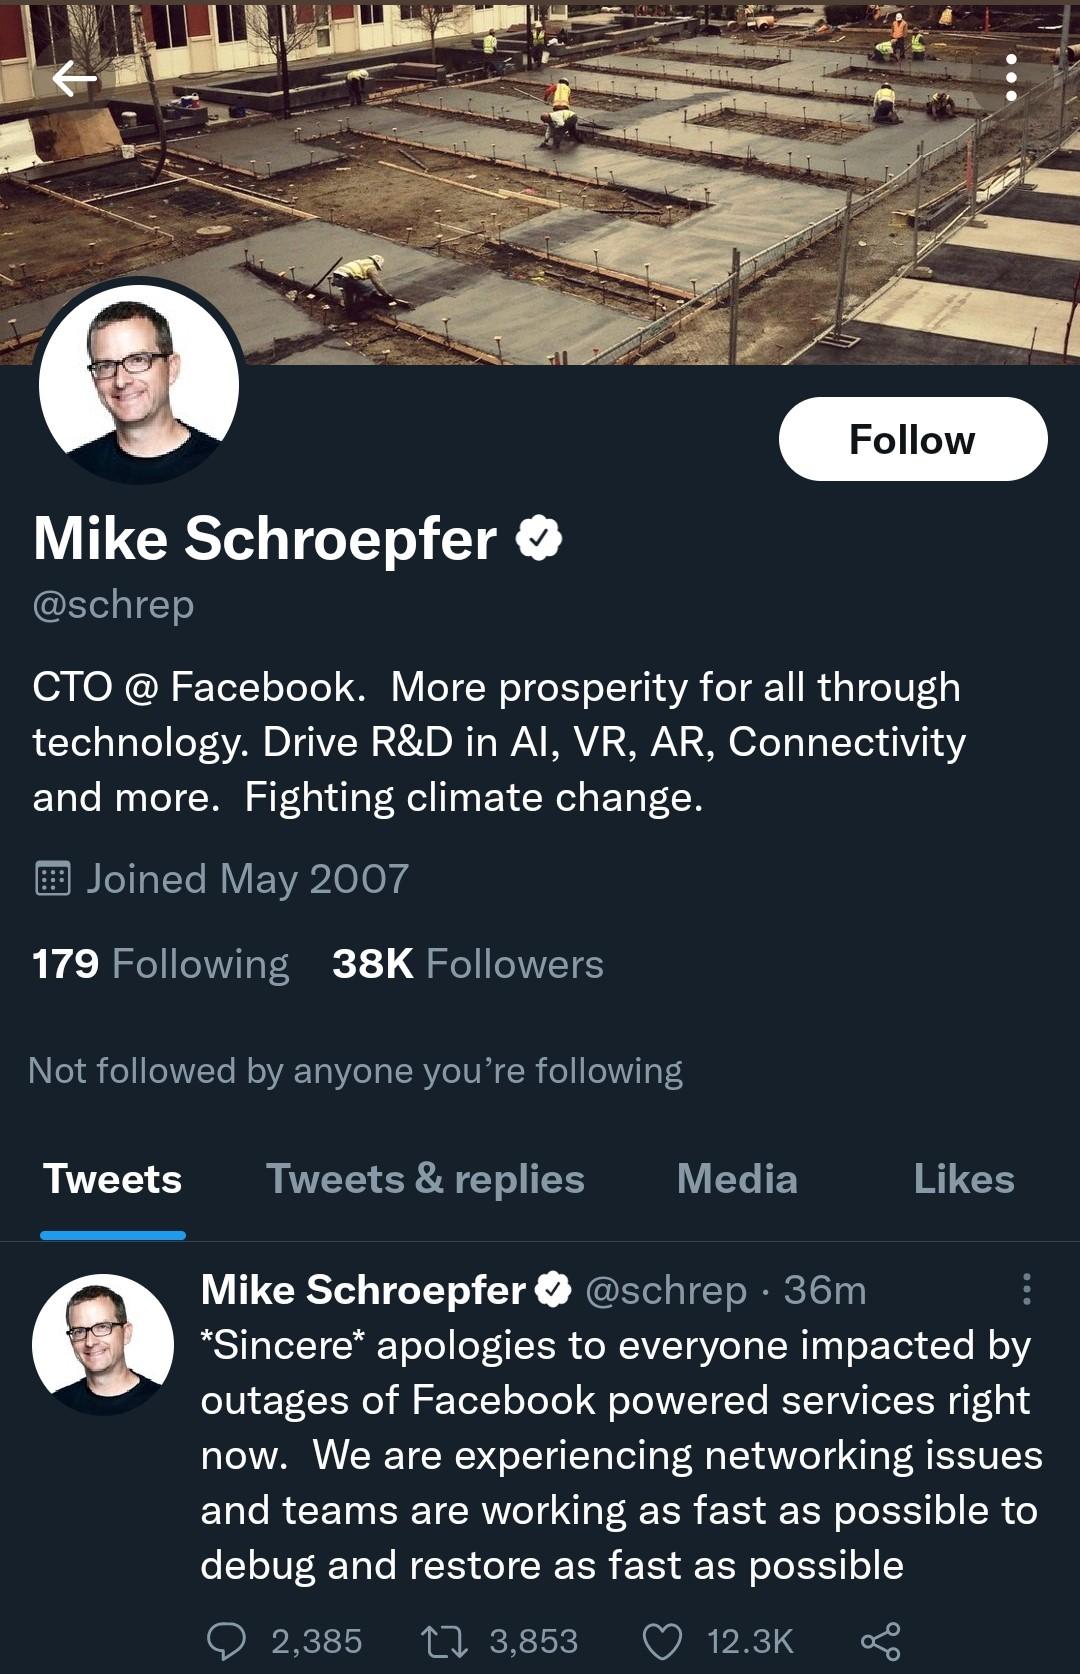 توییت رسمی مایک شرپفر